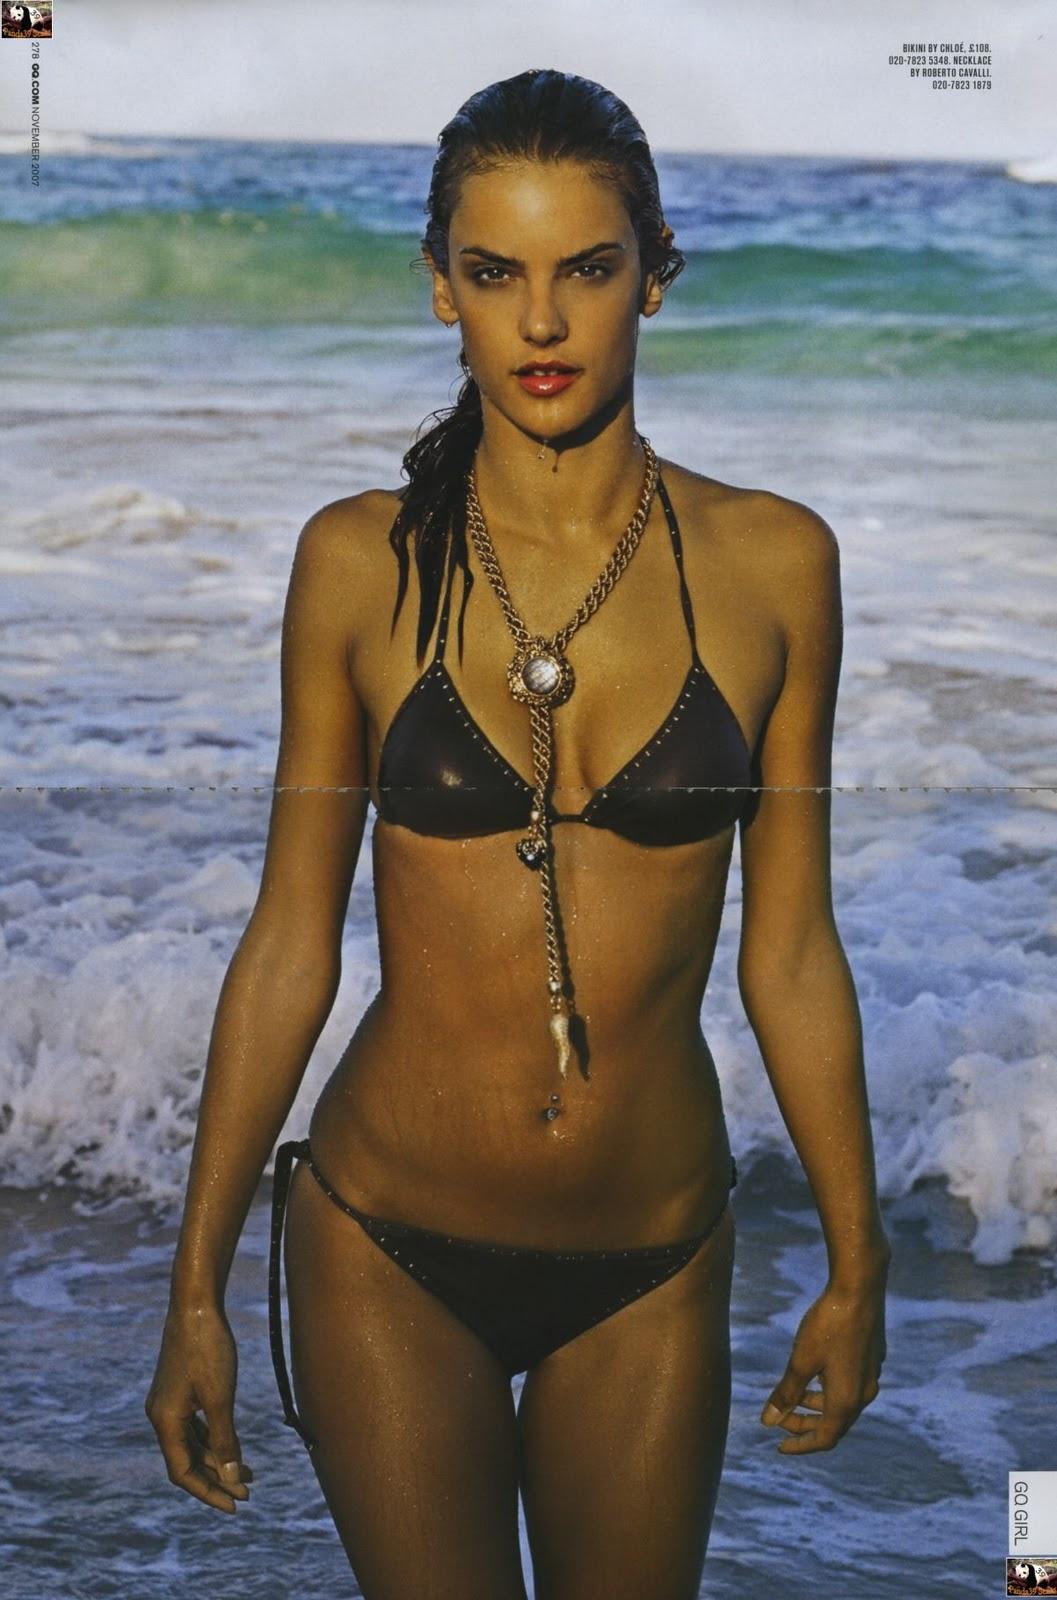 http://3.bp.blogspot.com/_pGTlBw_z2AM/TKOROp14rQI/AAAAAAAAAic/PUG3KNPo5X8/s1600/alessandra-ambrosio-gq-uk-03+bikini+nude+topless+(qguapas.blogspot.com).jpg